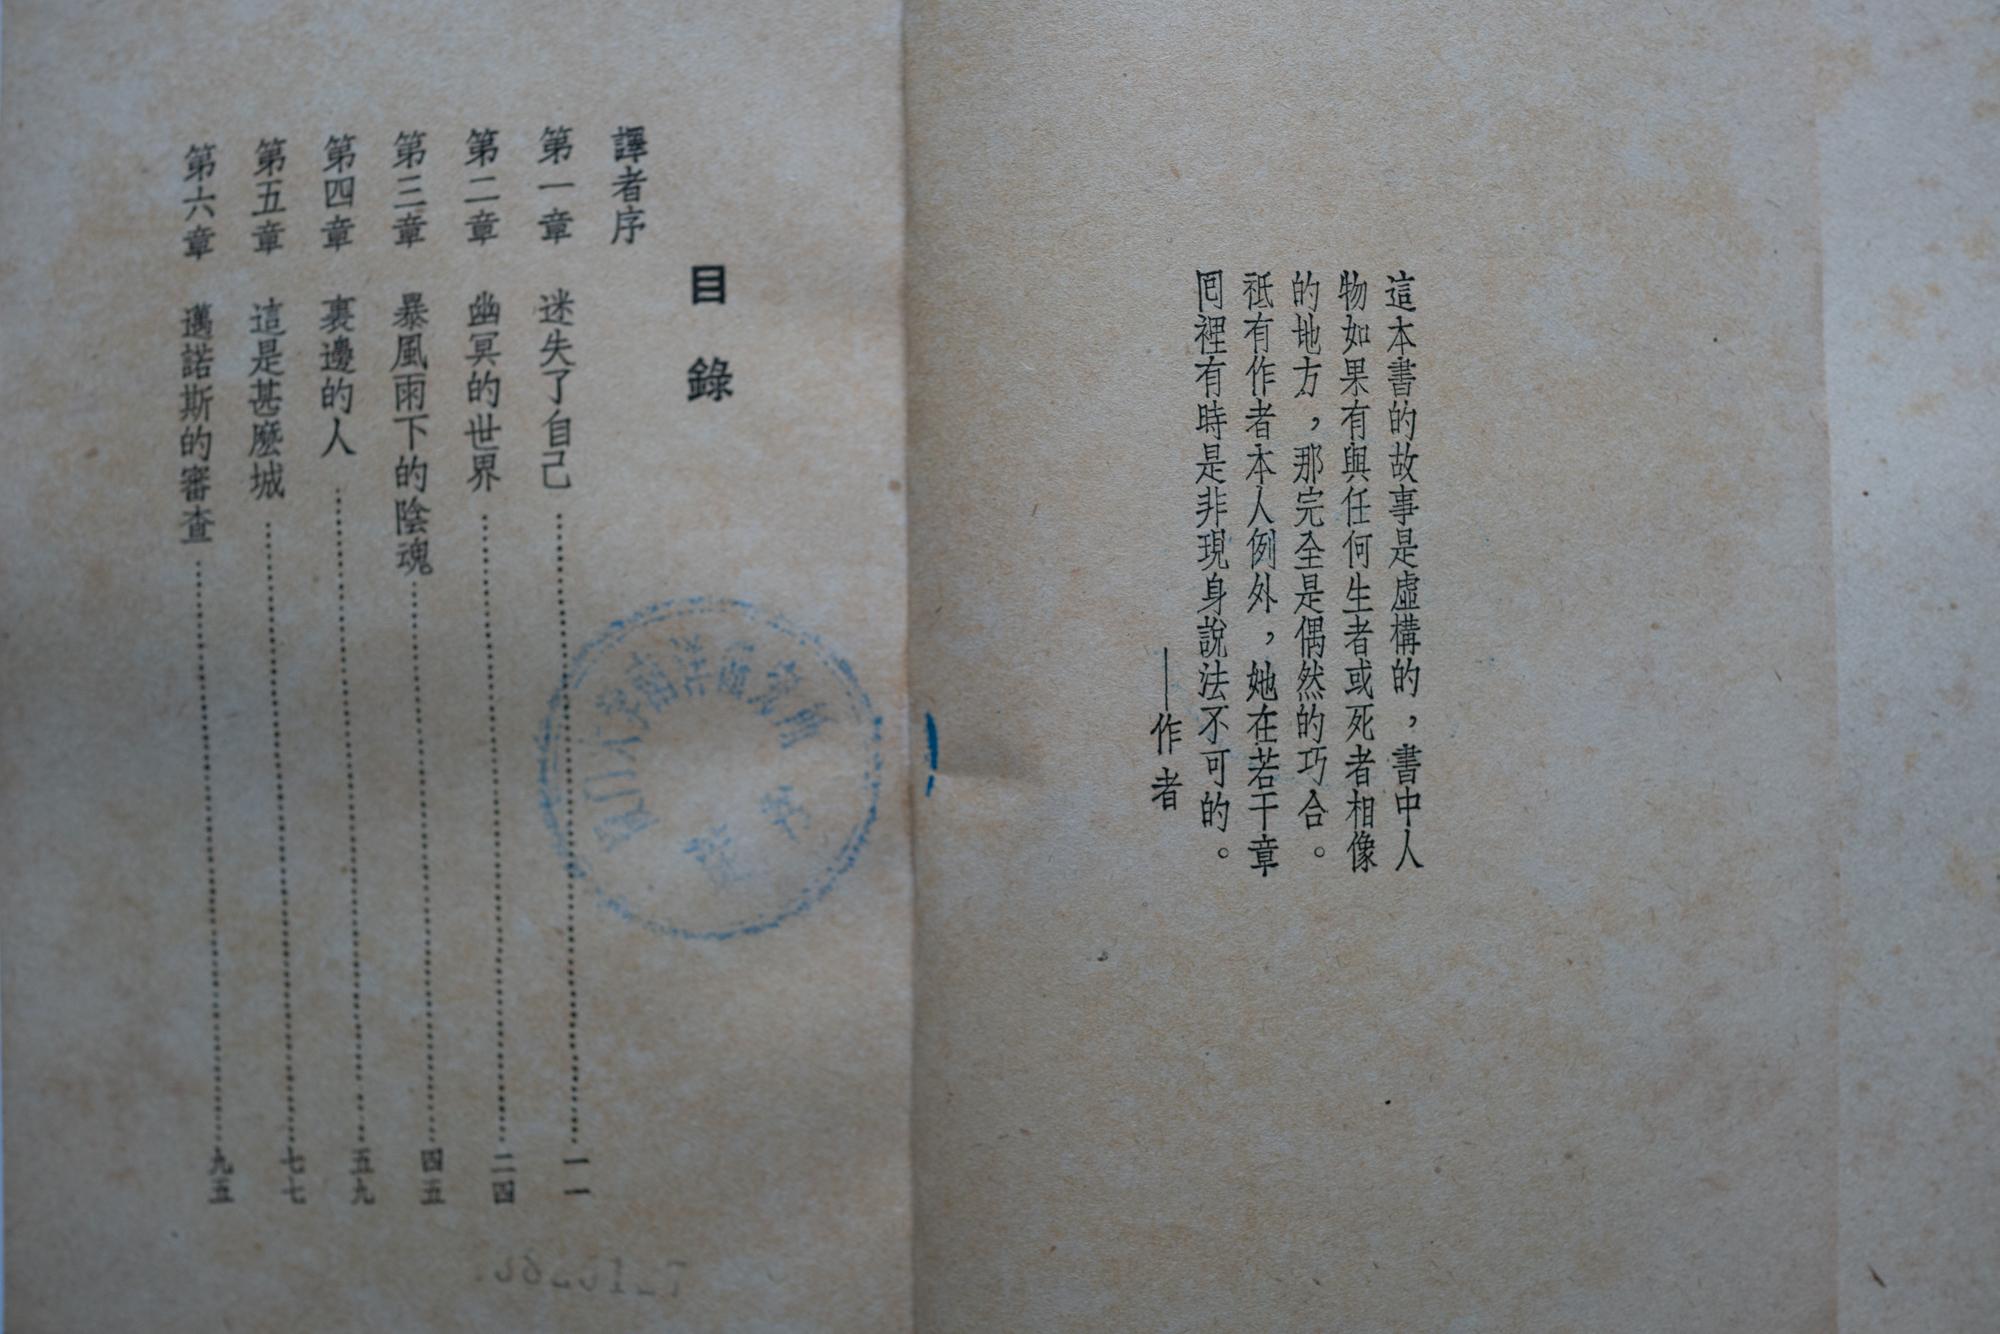 餐風飲露 (And The Rain My Drink, Chinese Version) , Han Suyin 1956  Photograph from the artist